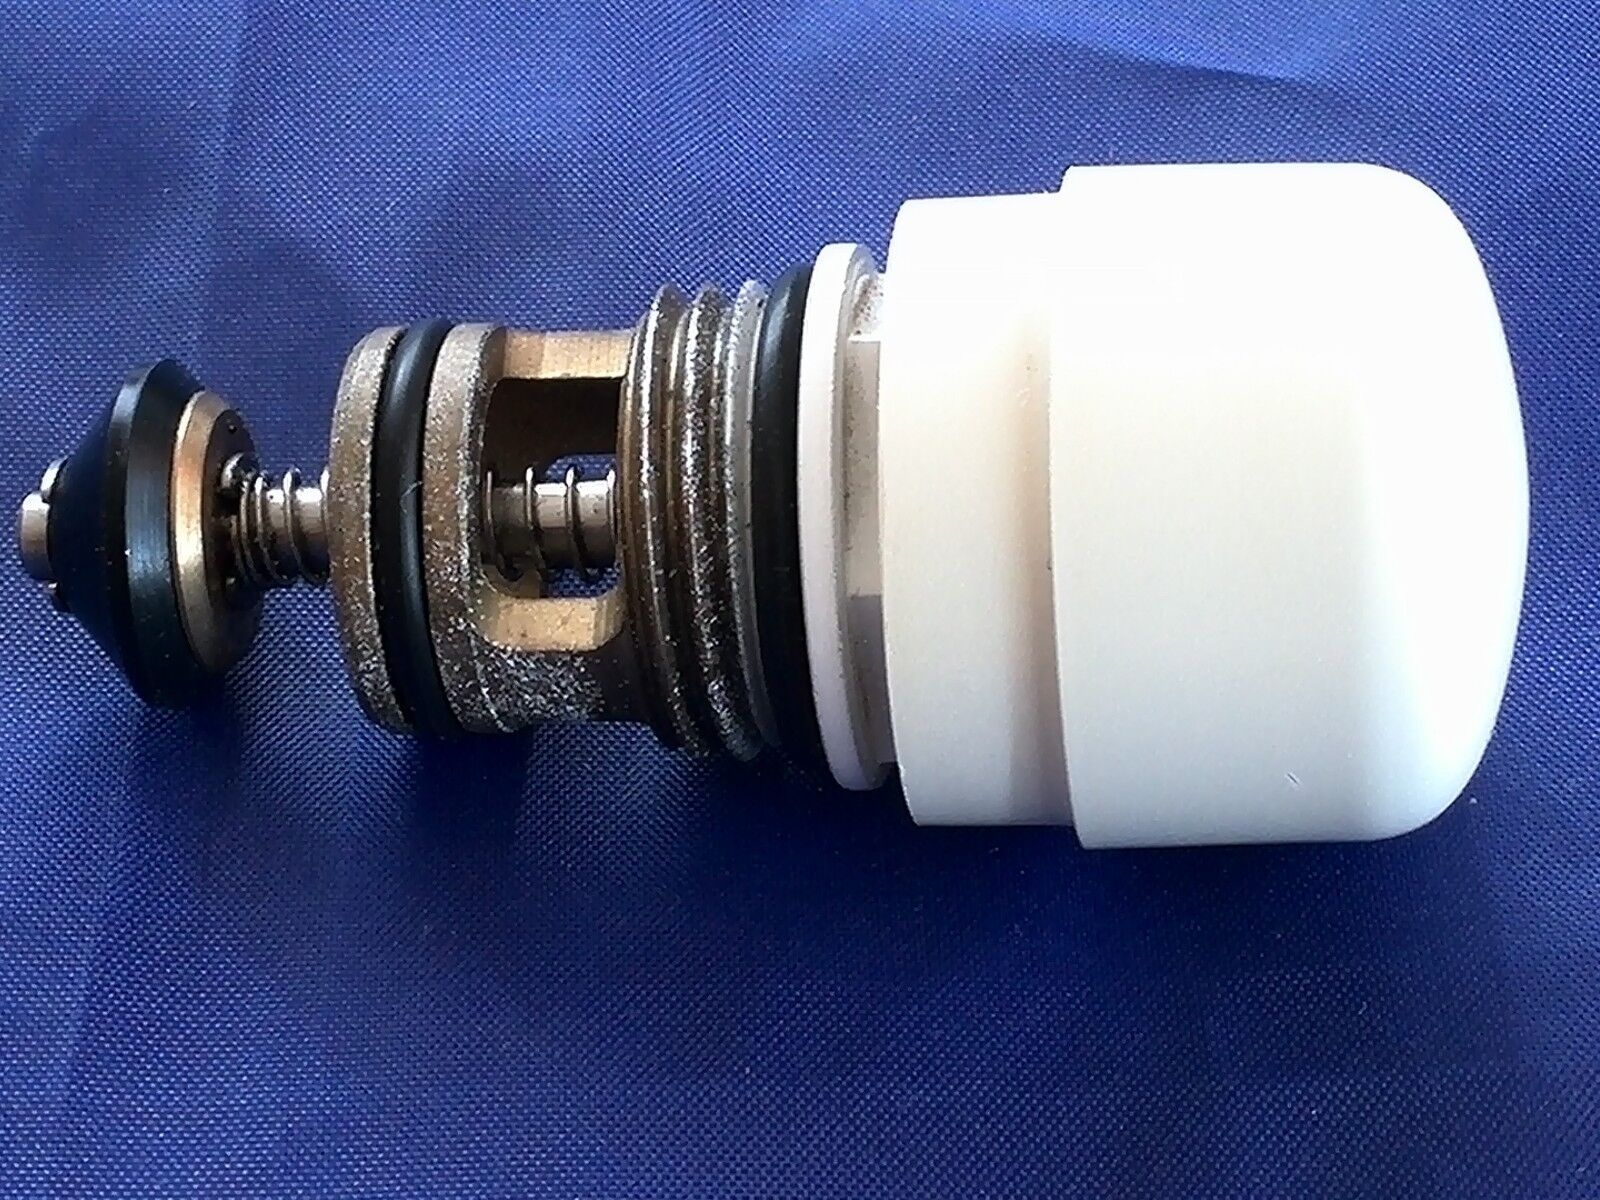 HANSA Zugknopf-Umstellung für Brausearmatur und Wannenarmatur - Aufputz weiß | Schönes Aussehen  | Vollständige Spezifikation  | New Products  | Fein Verarbeitet